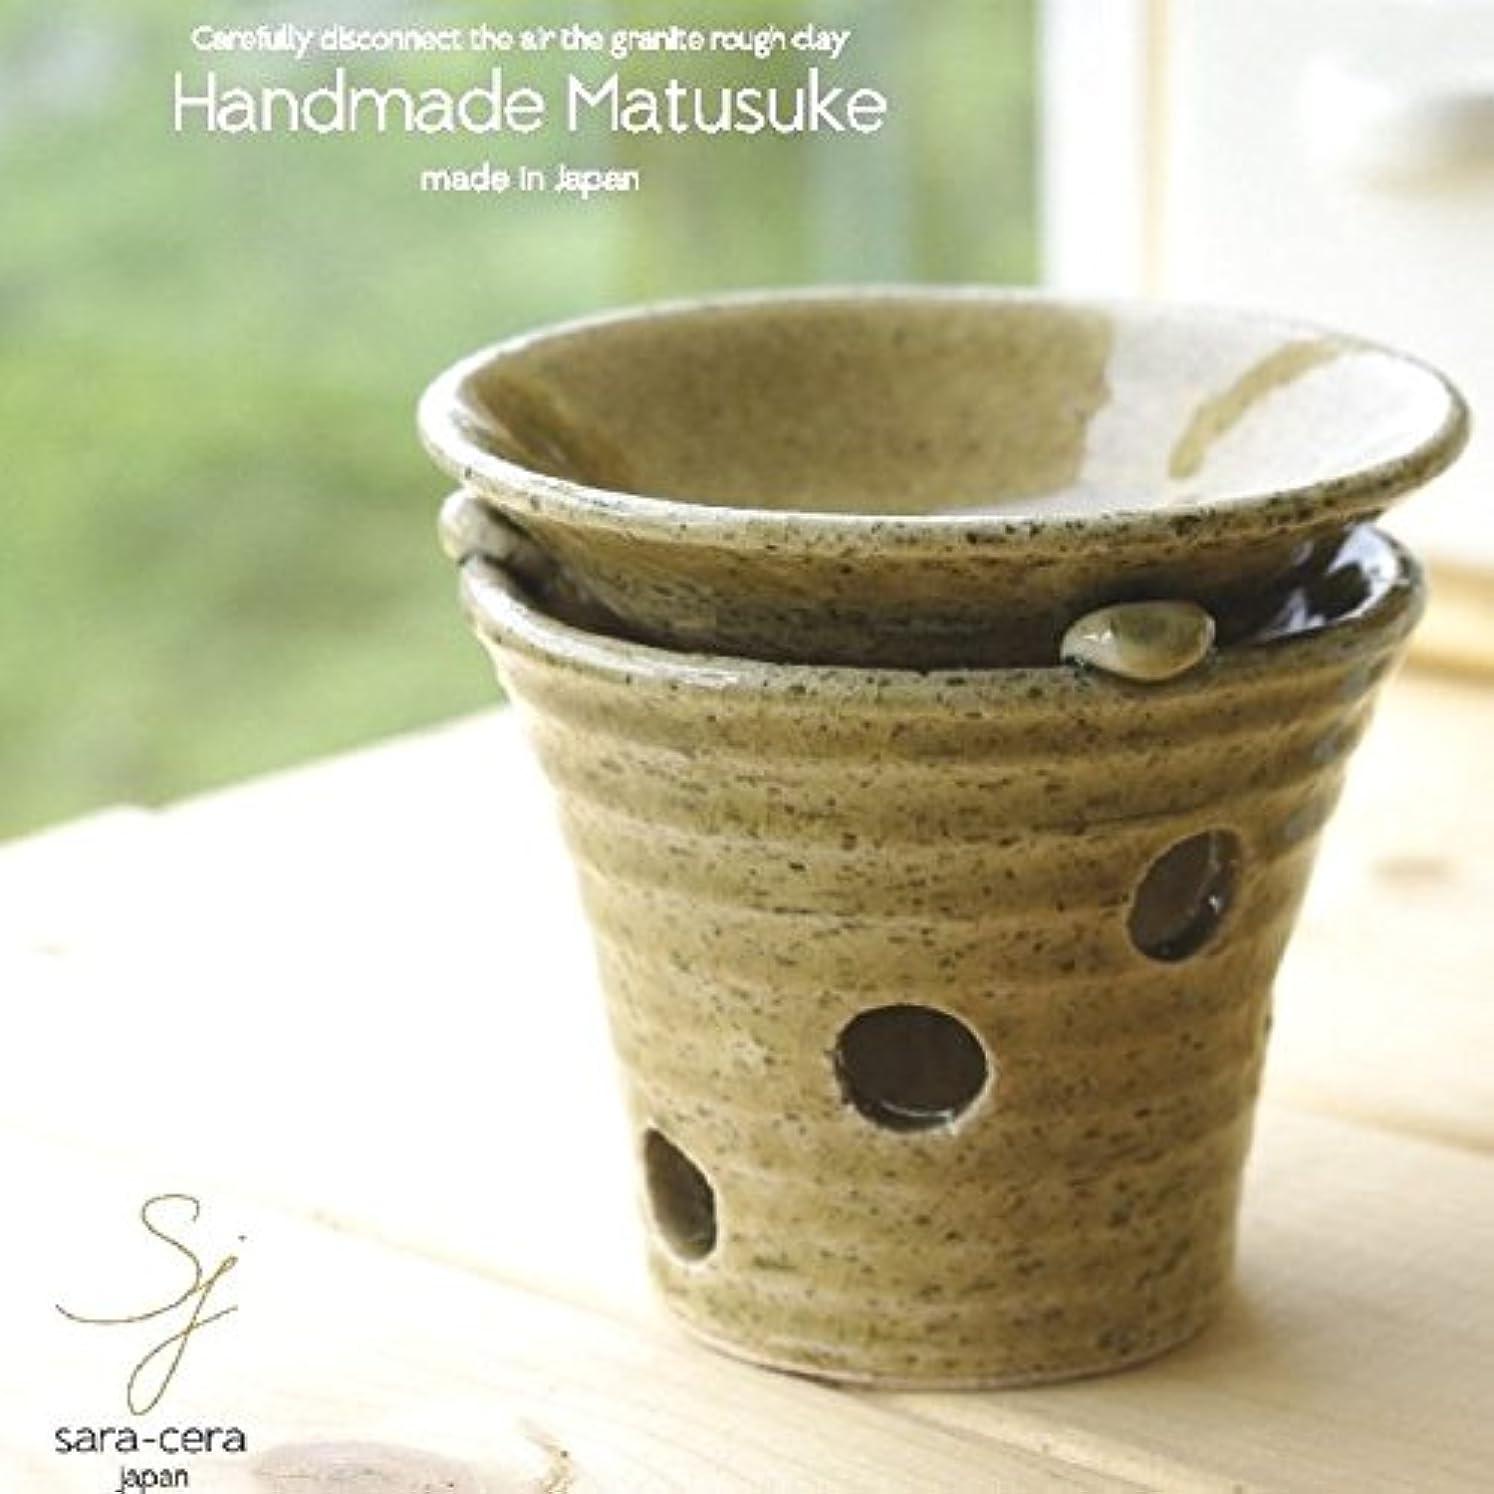 聖歌ギターガイダンス松助窯 手作り茶香炉セット 灰釉ビードロ アロマ 和風 陶器 手づくり 日本製 美濃焼